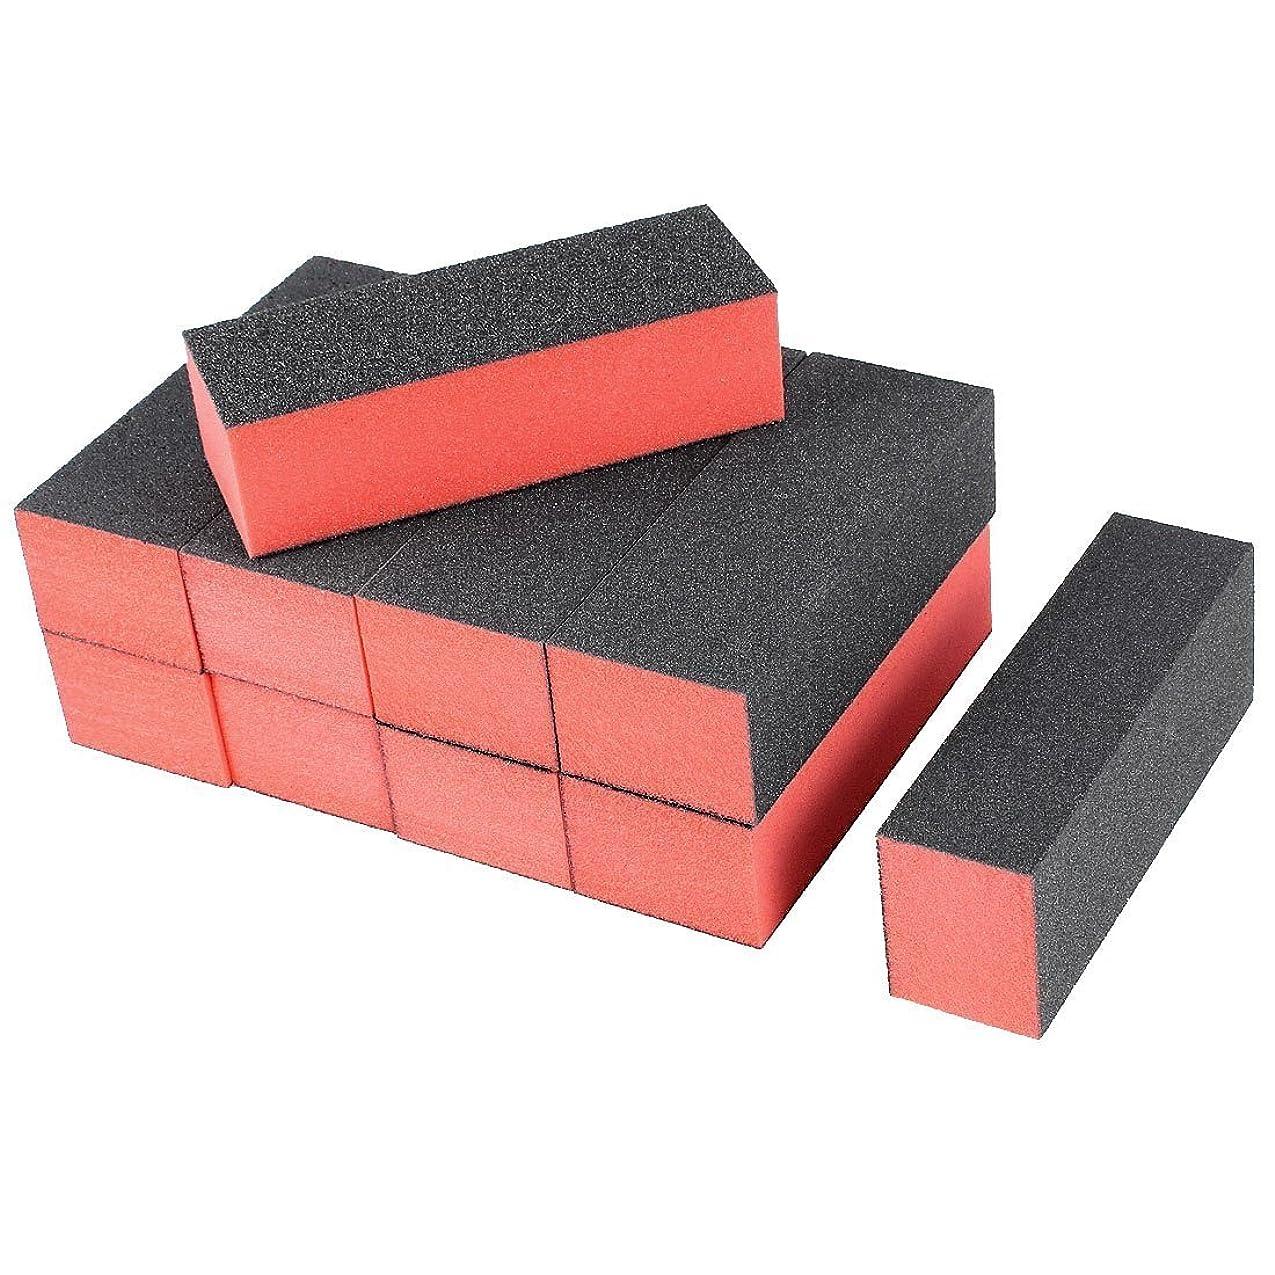 模索浸漬鳴り響く4ウェイネイルファイル,SODIAL(R) 10×ブラックレッドネイルポリッシャー4ウェイバッファバフブロックマニキュアファイル